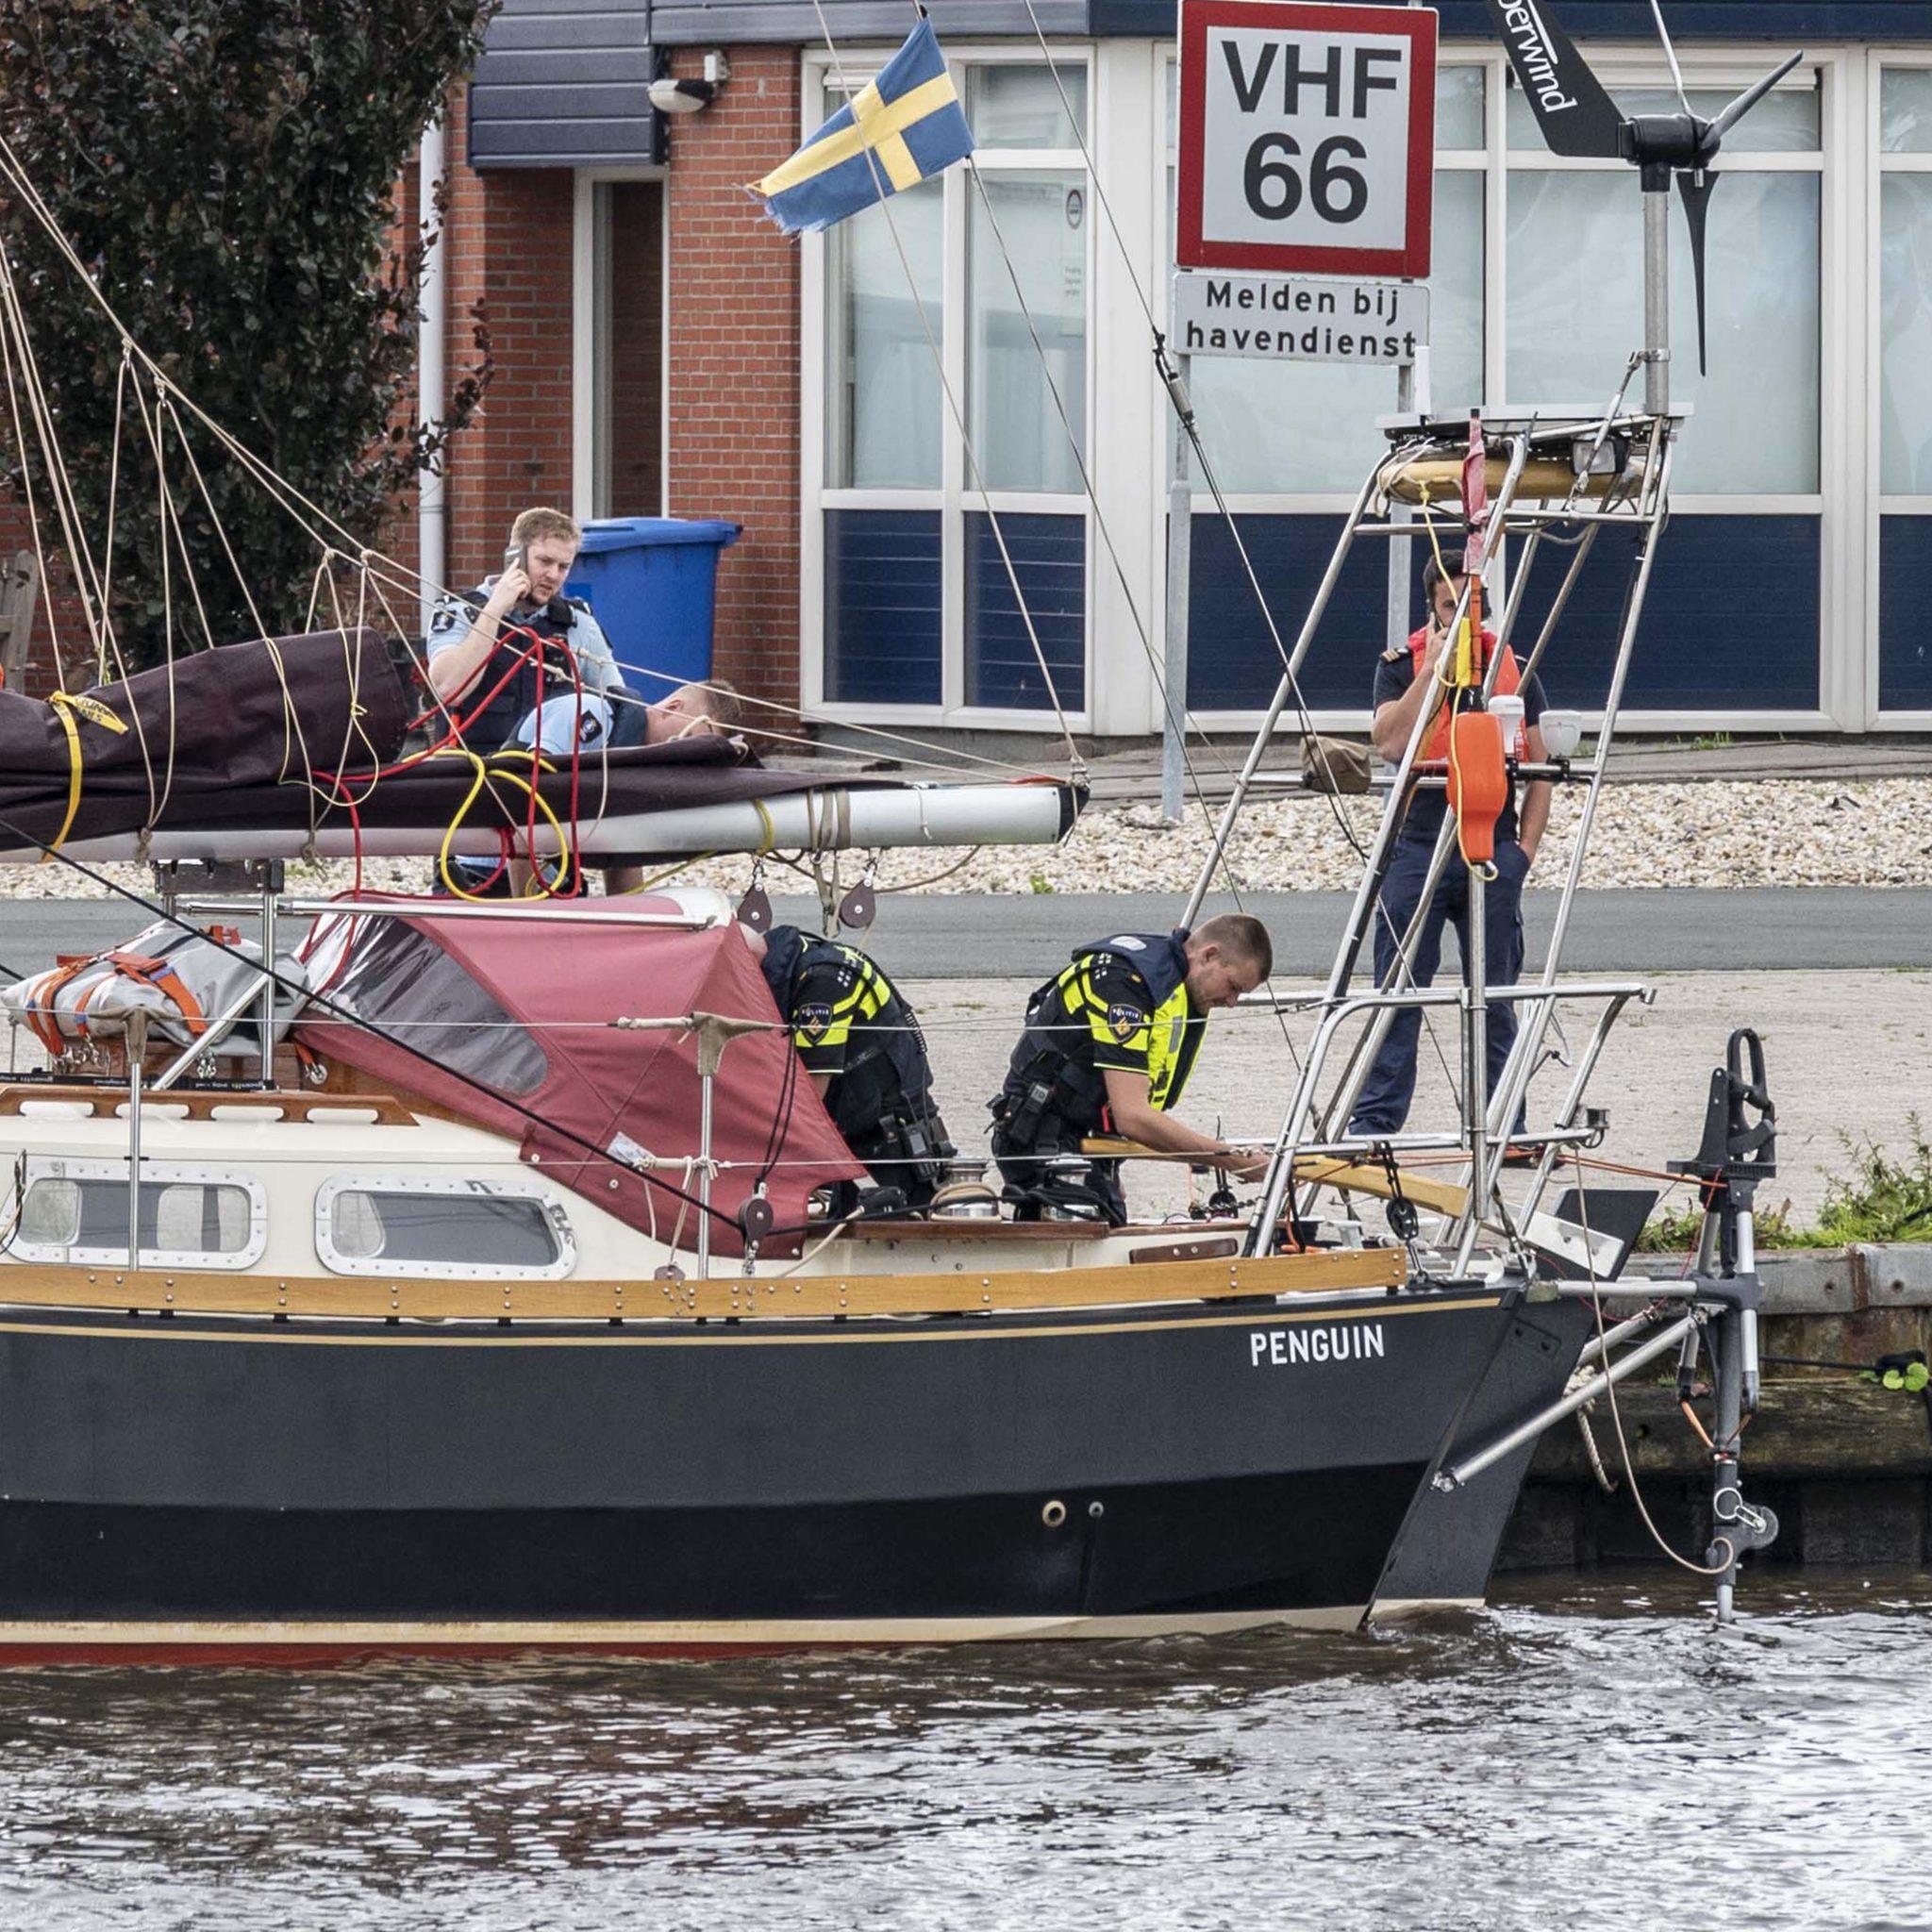 De man werd uiteindelijk aangehouden in Appingedam. (Foto ProNews)